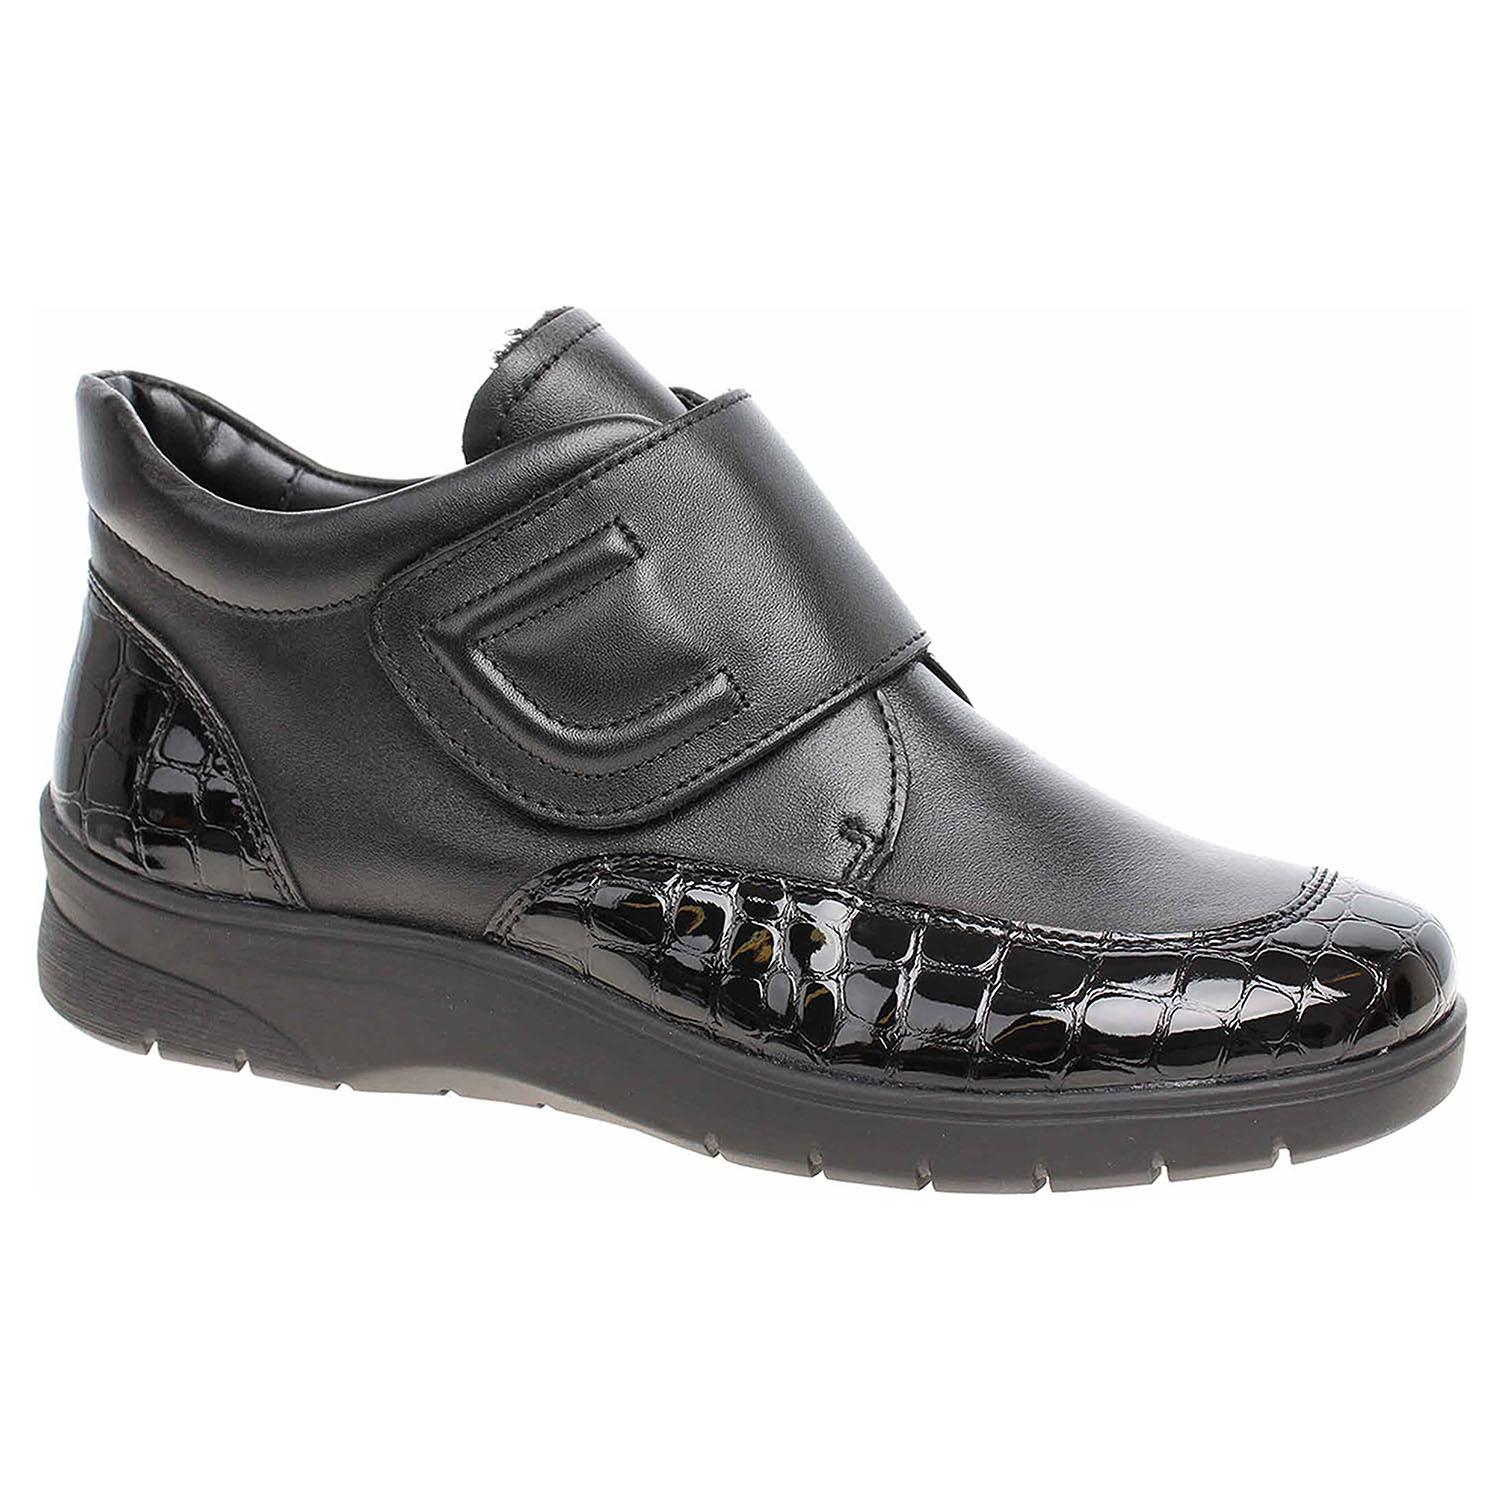 Dámská kotníková obuv Ara 12-41054-65 schwarz 12-41054-65 38